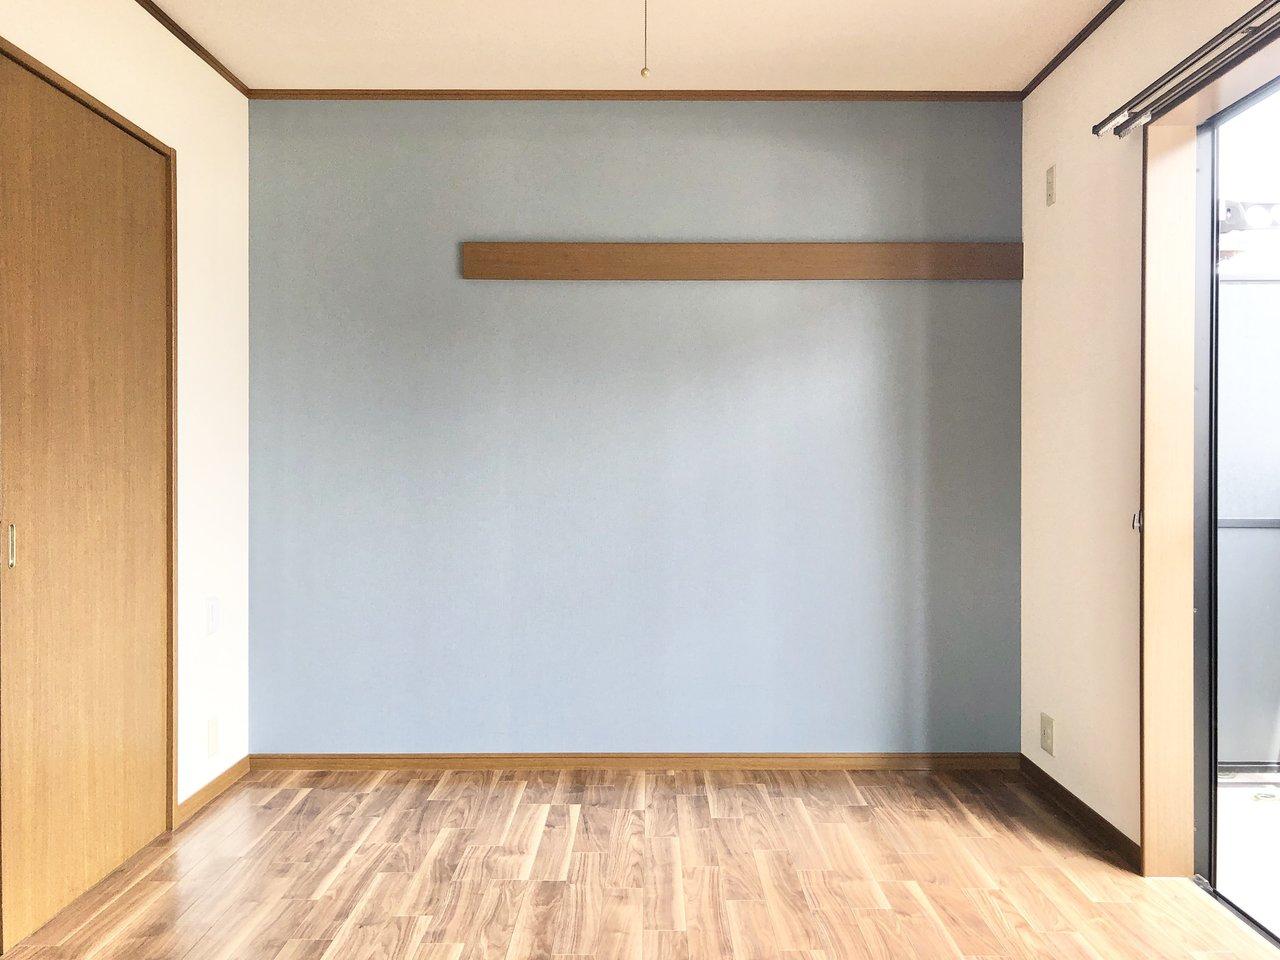 北欧風のグレイッシュなブルーの壁紙が素敵な1Kです。